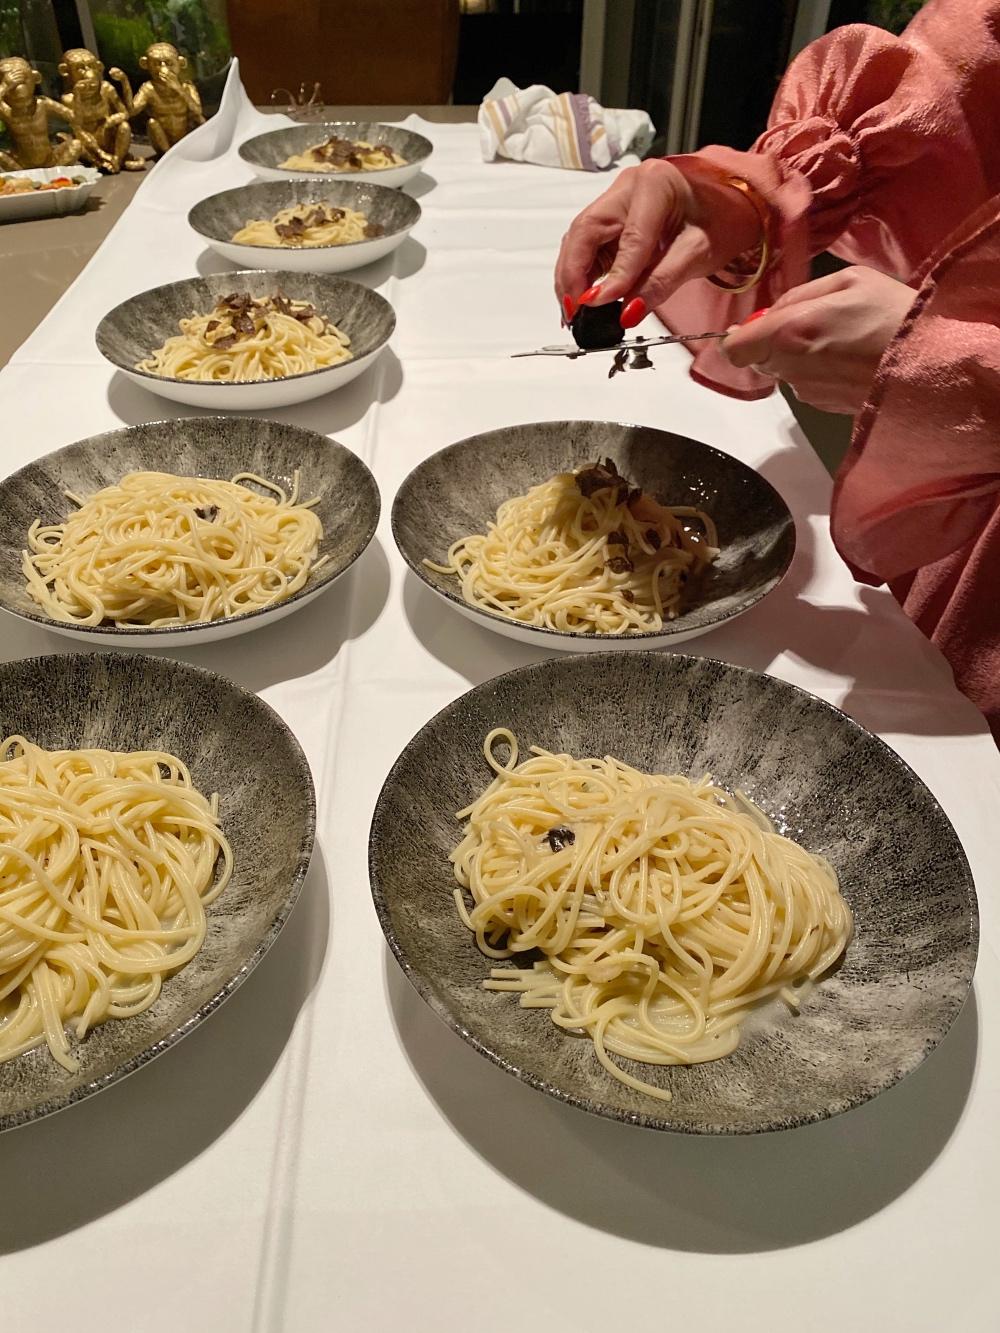 Trüffel-Spaghetti: Der Trüffel kommt am Ende auf die Nudeln!